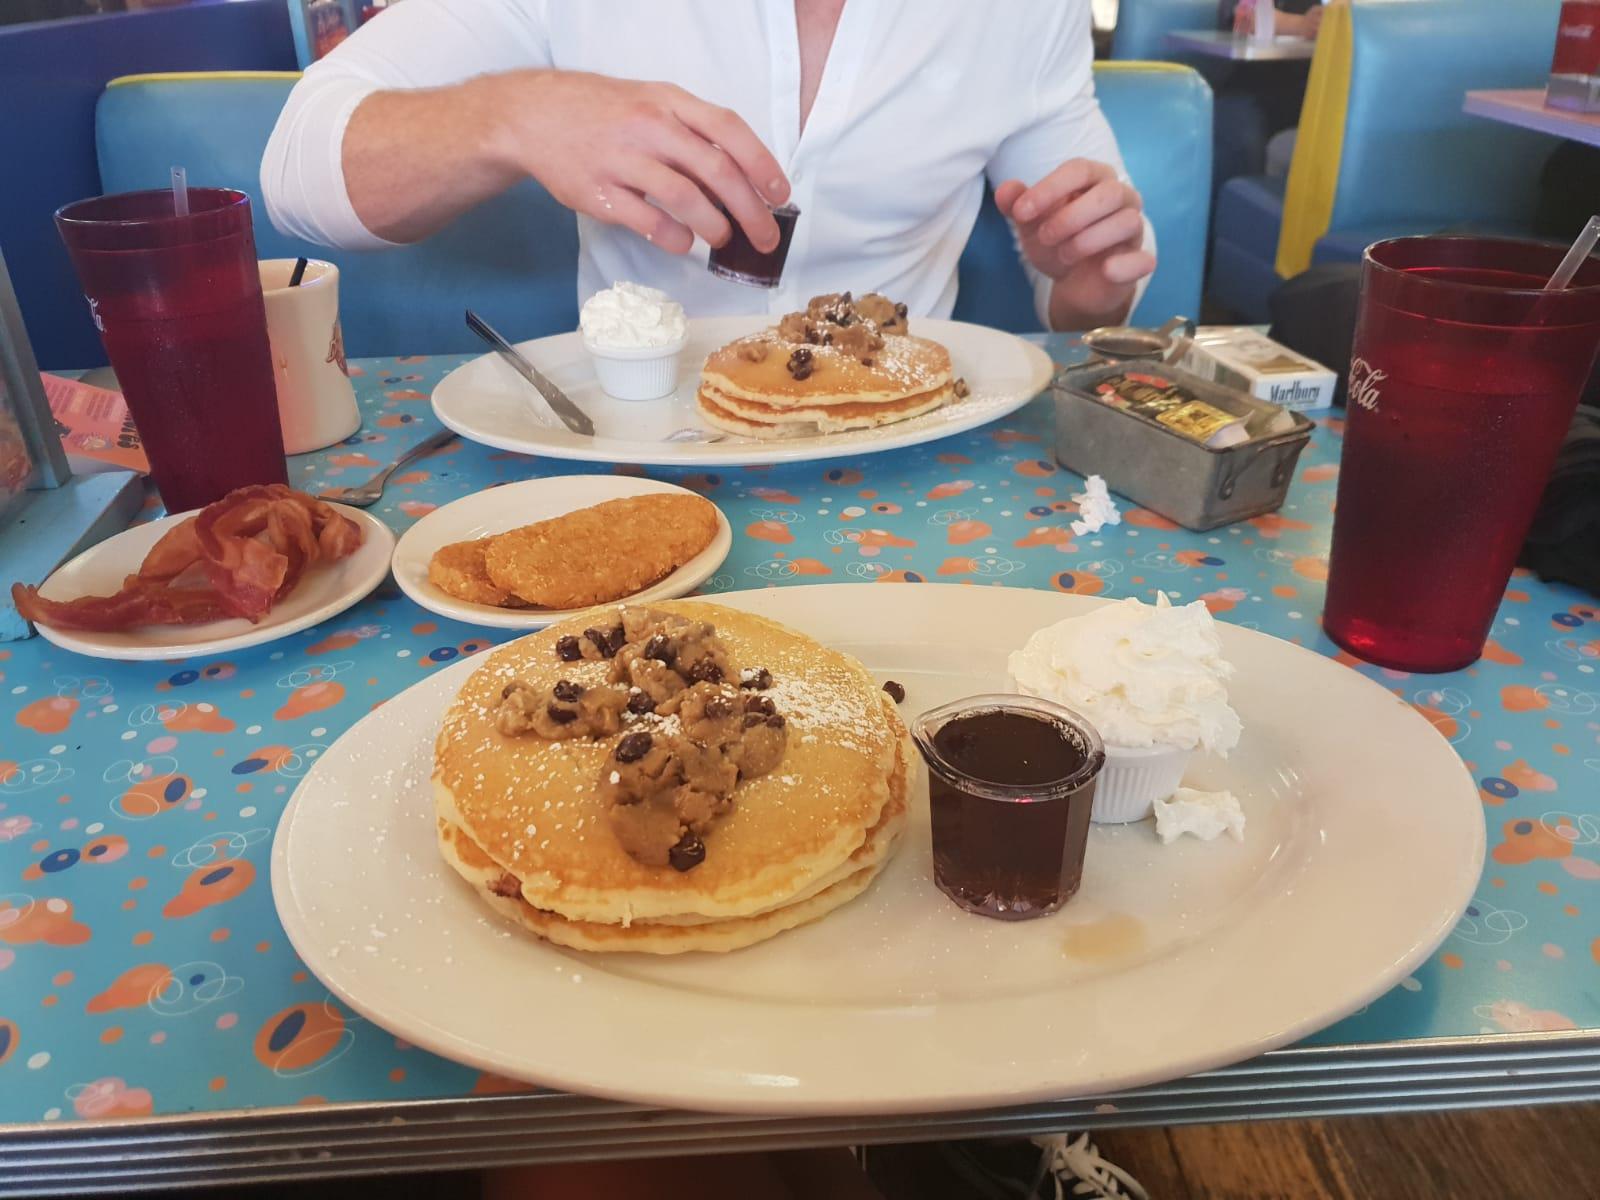 Big-Daddy's-new-york-gramercy-manhattan-best-restaurants-best-food-pineapple-princess